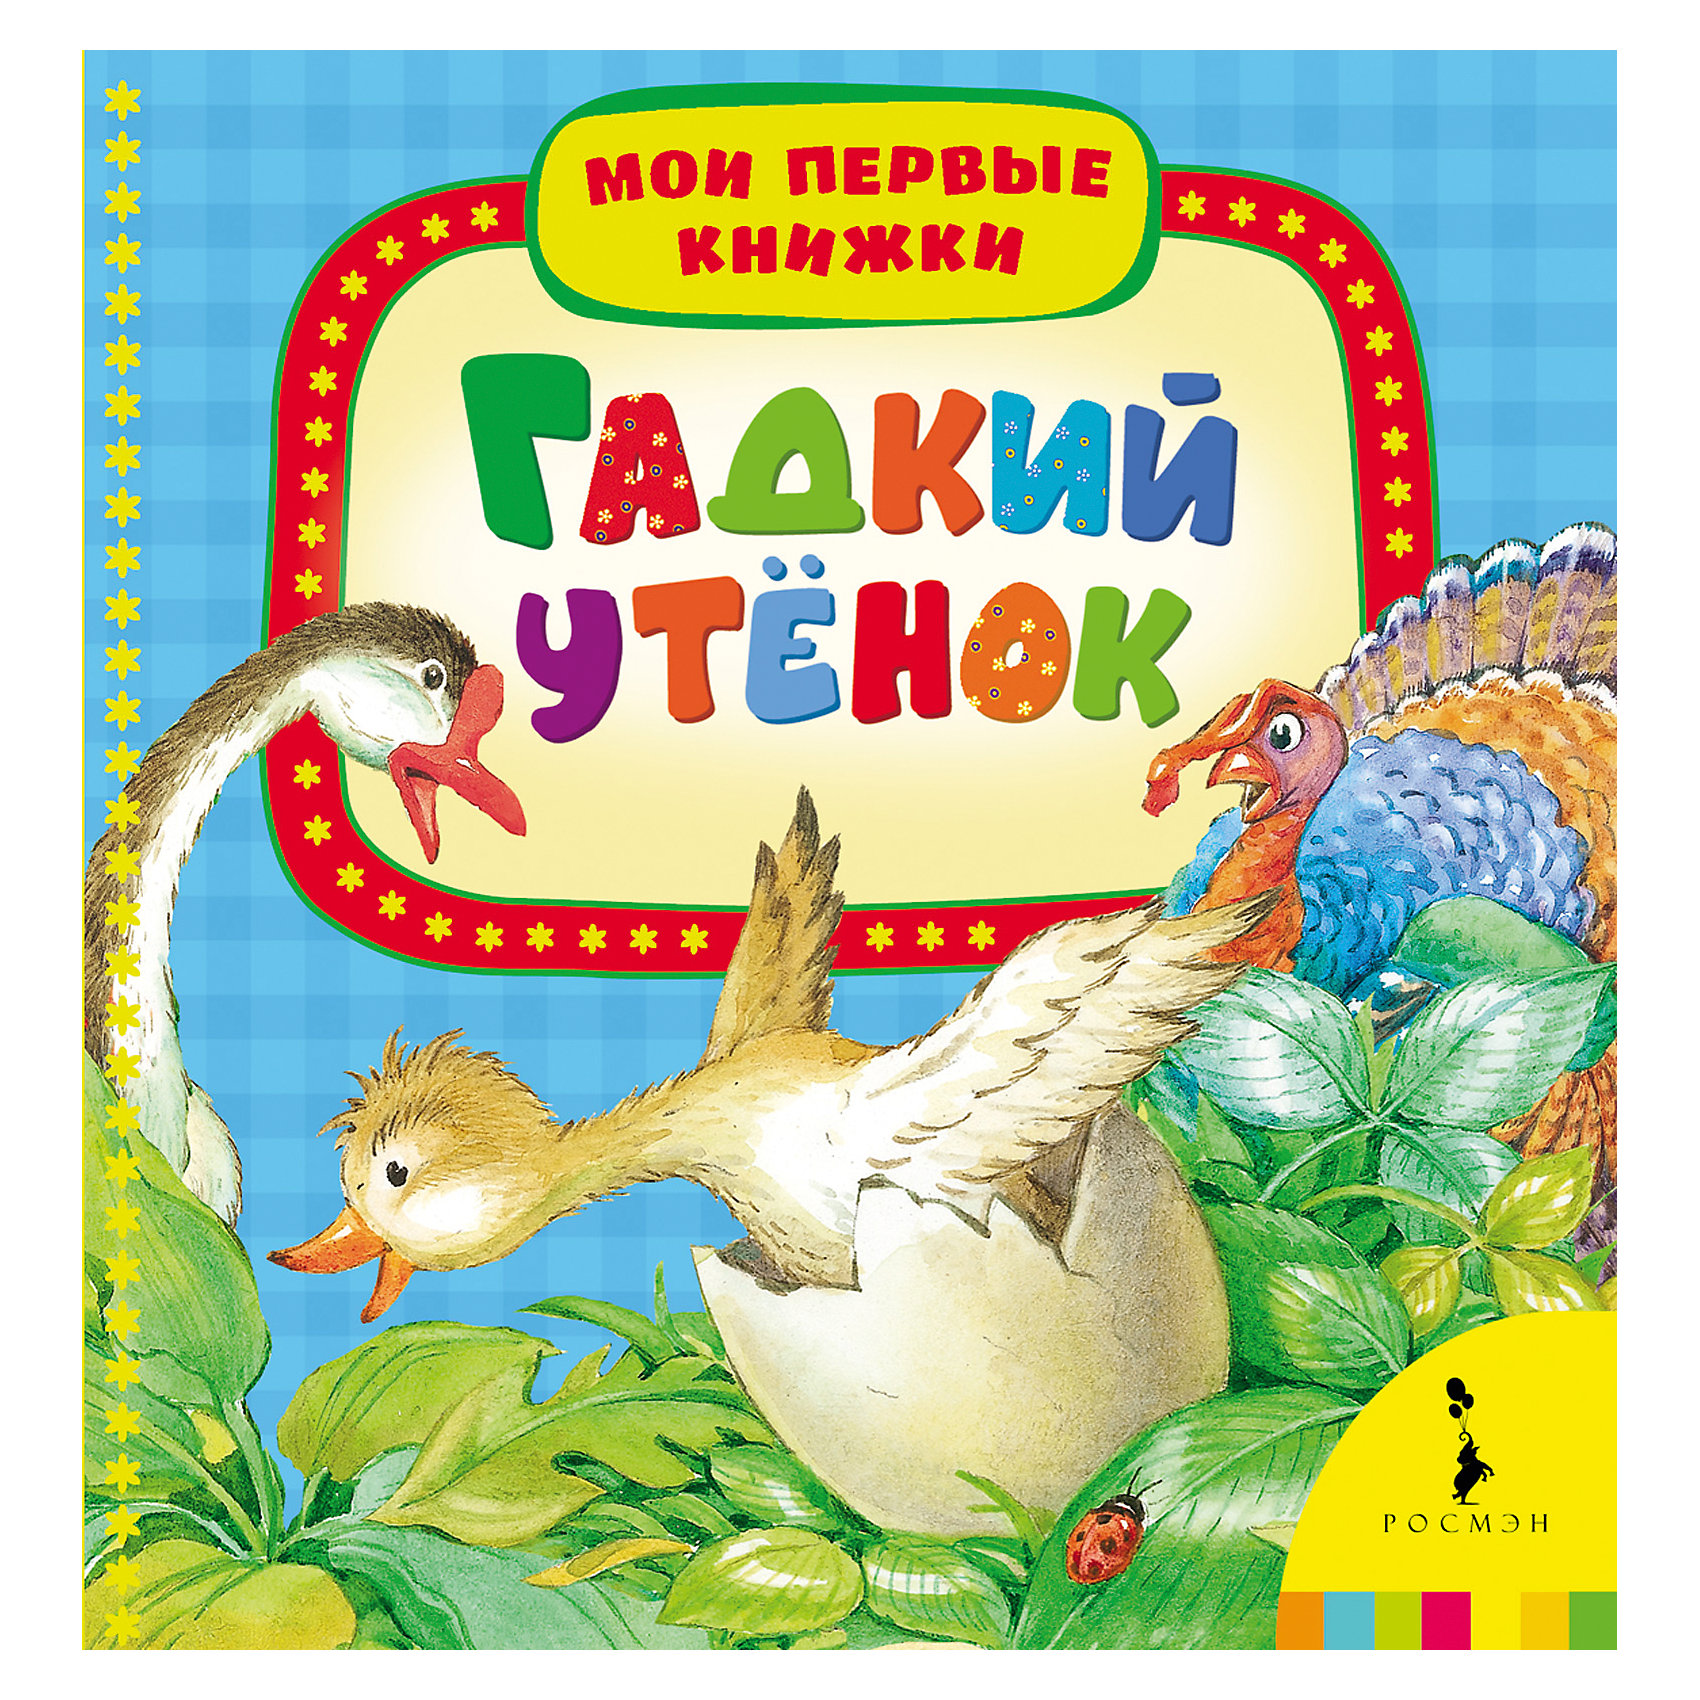 Росмэн Гадкий утёнок (Мои первые книжки) книжки картонки росмэн первые книжки малыша гадкий утёнок